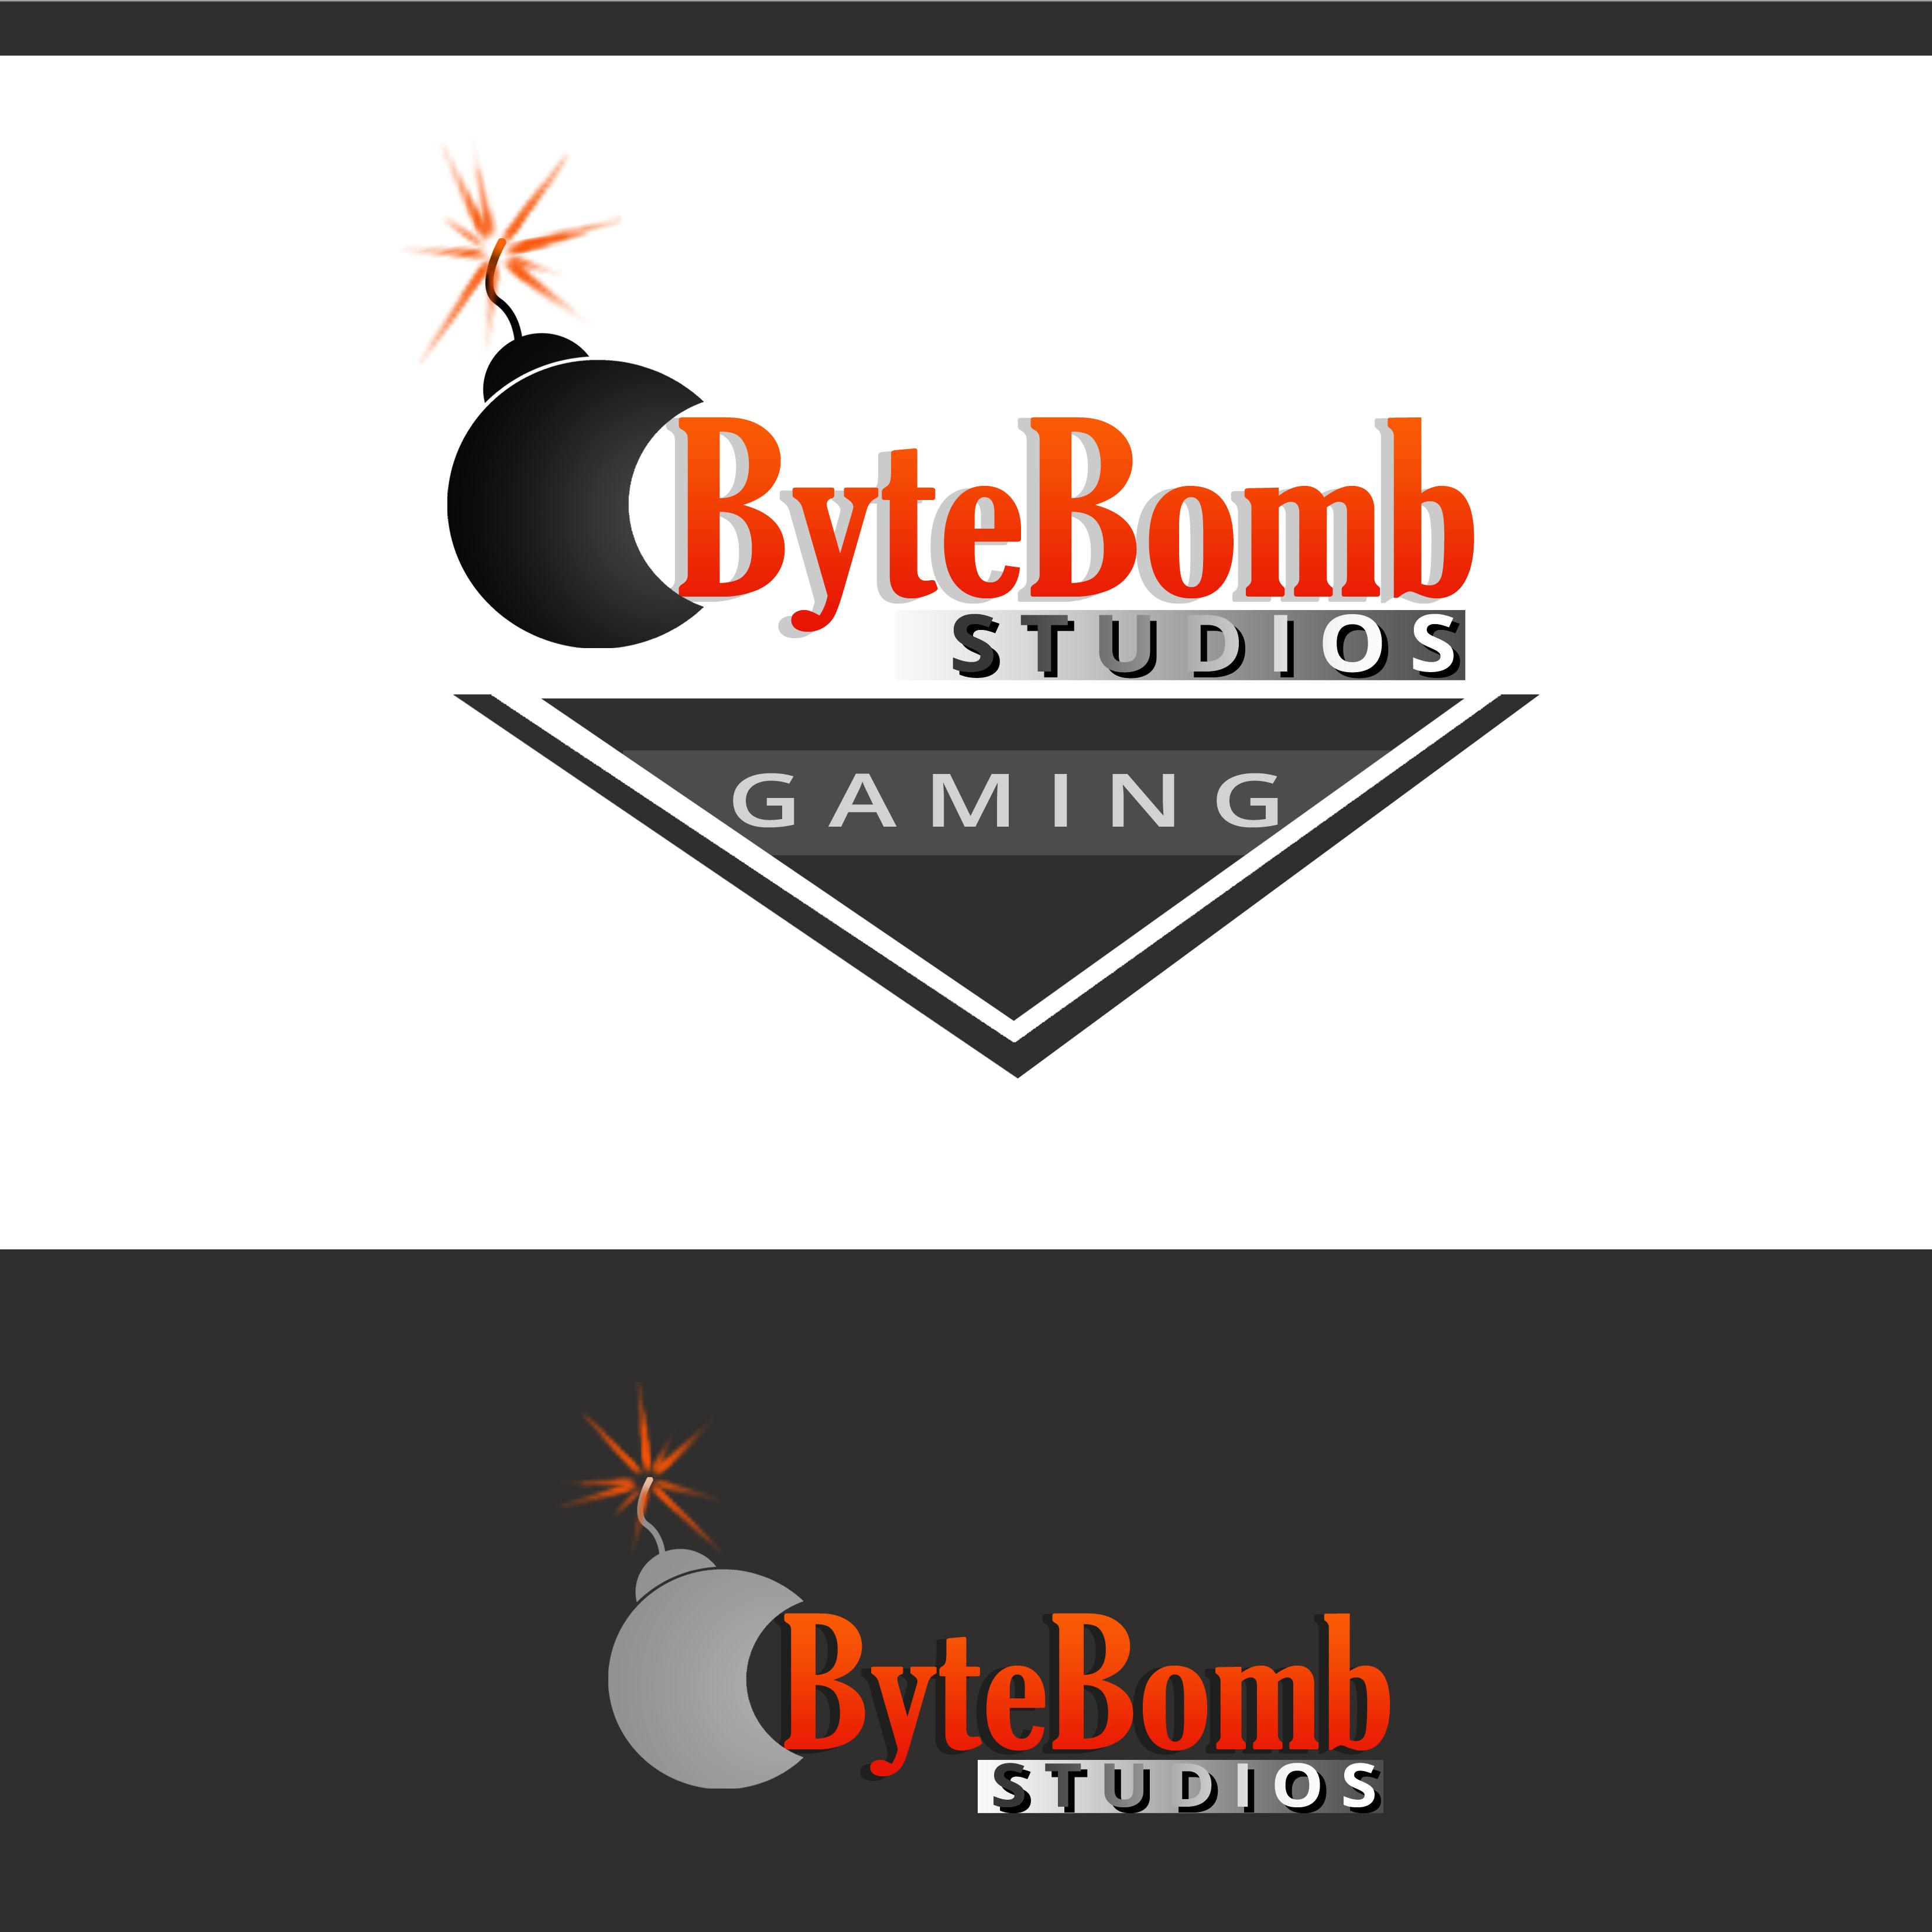 Logo Design by Allan Esclamado - Entry No. 70 in the Logo Design Contest Captivating Logo Design for ByteBomb Studios.